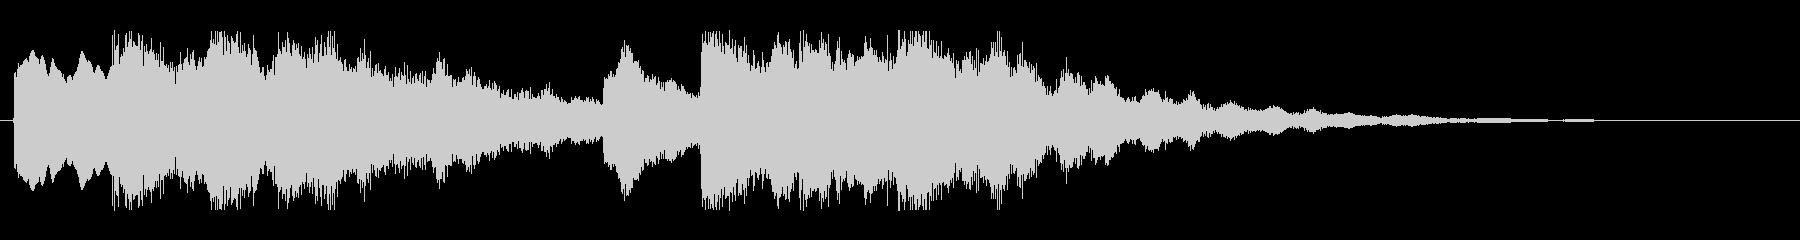 キーンコーンカーンコーン05(早め1回)の未再生の波形